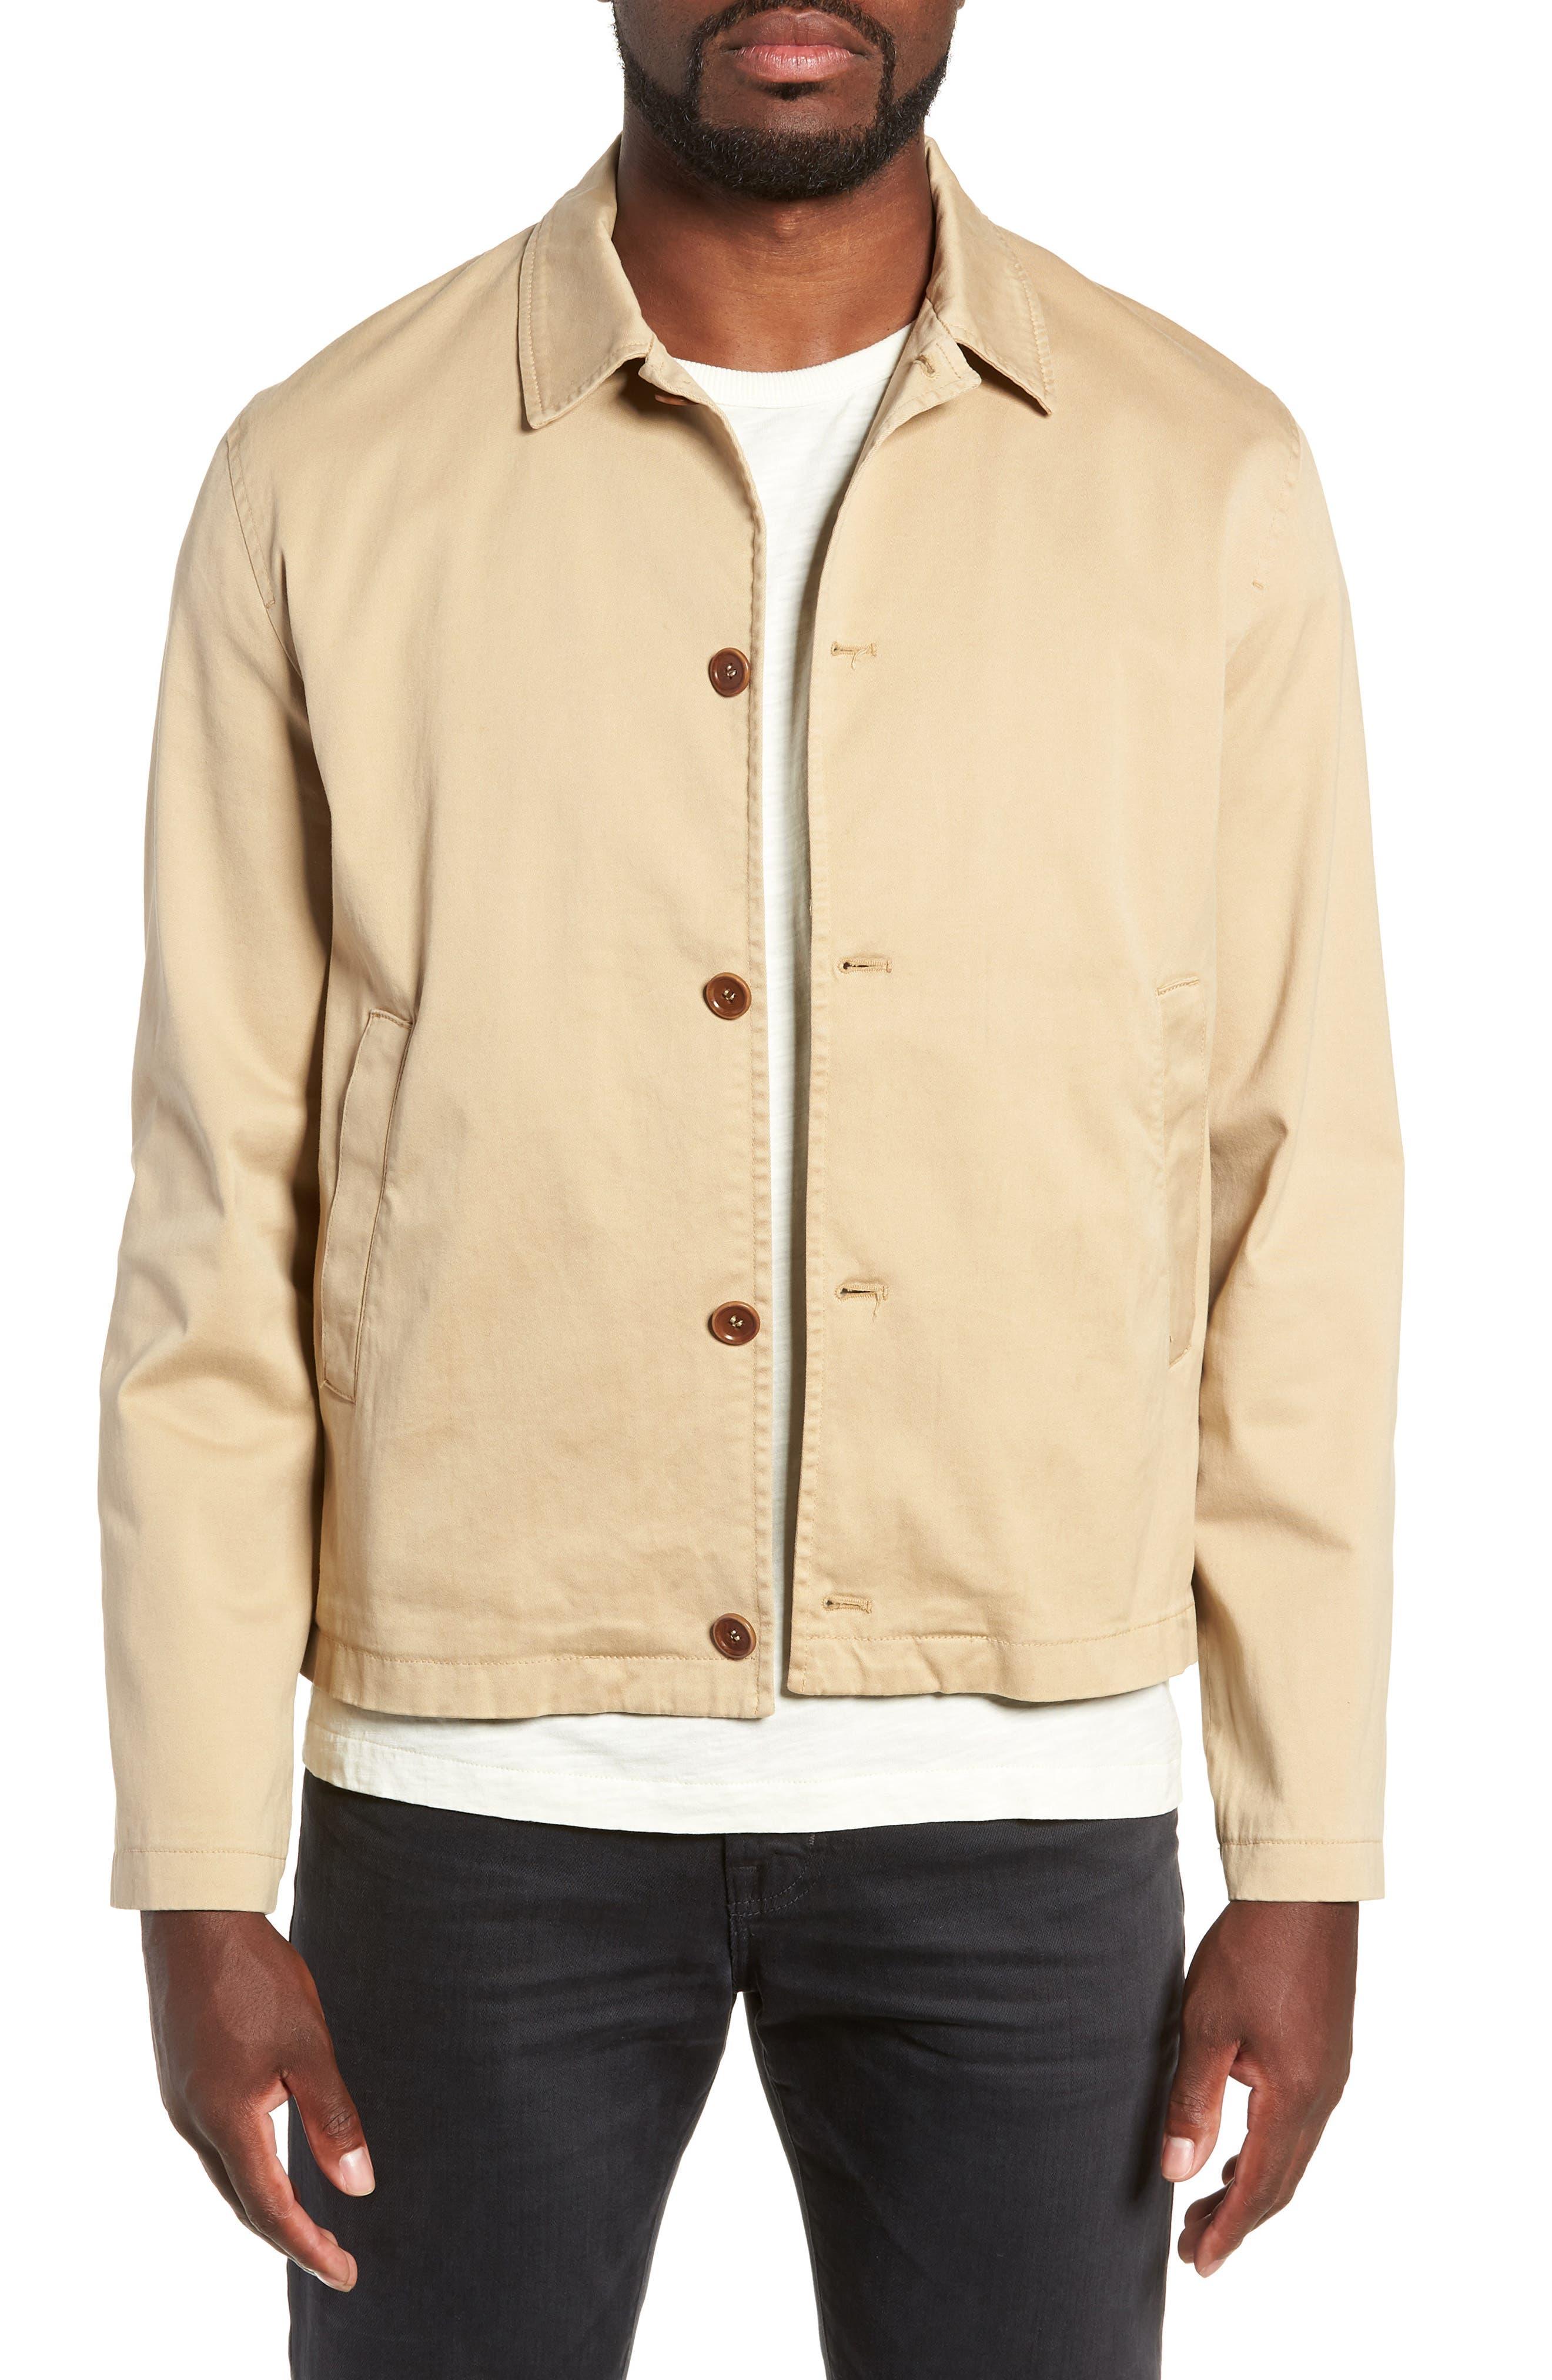 Groundhog Jacket,                         Main,                         color, SAND